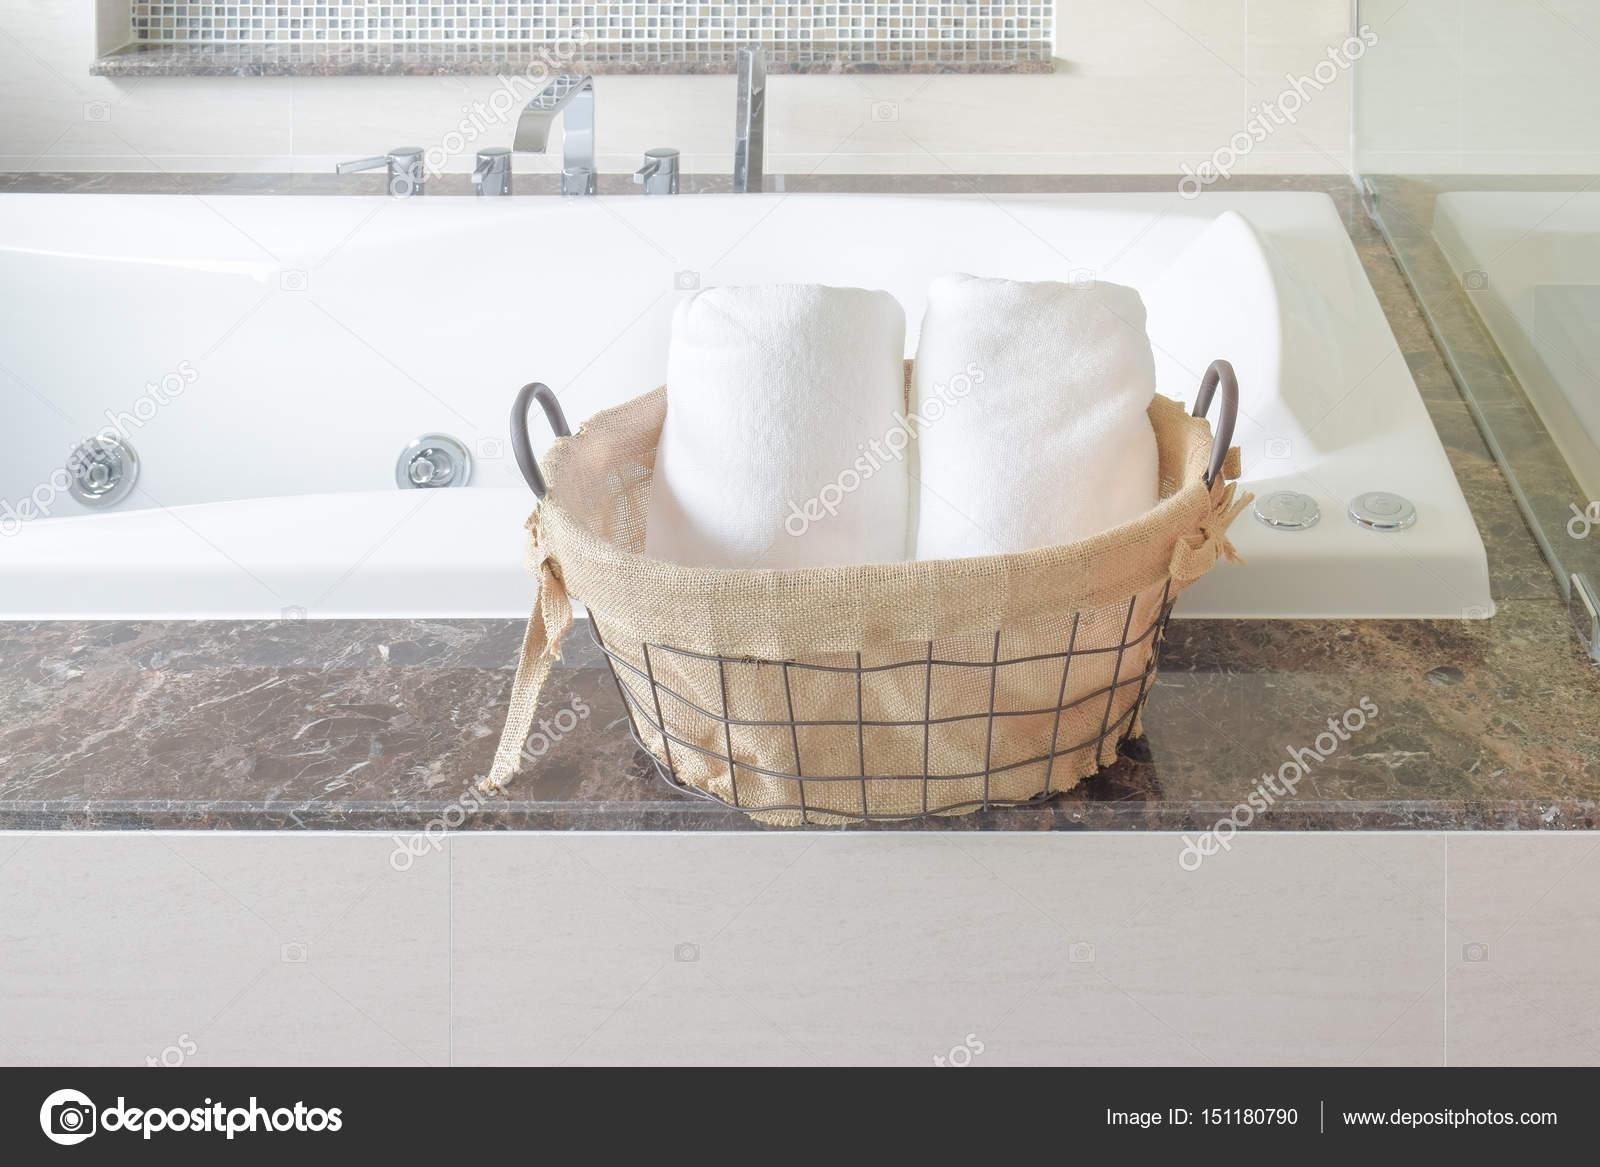 Handtuch in Korb Naxt, Badezimmer mit Badewanne — Stockfoto ...